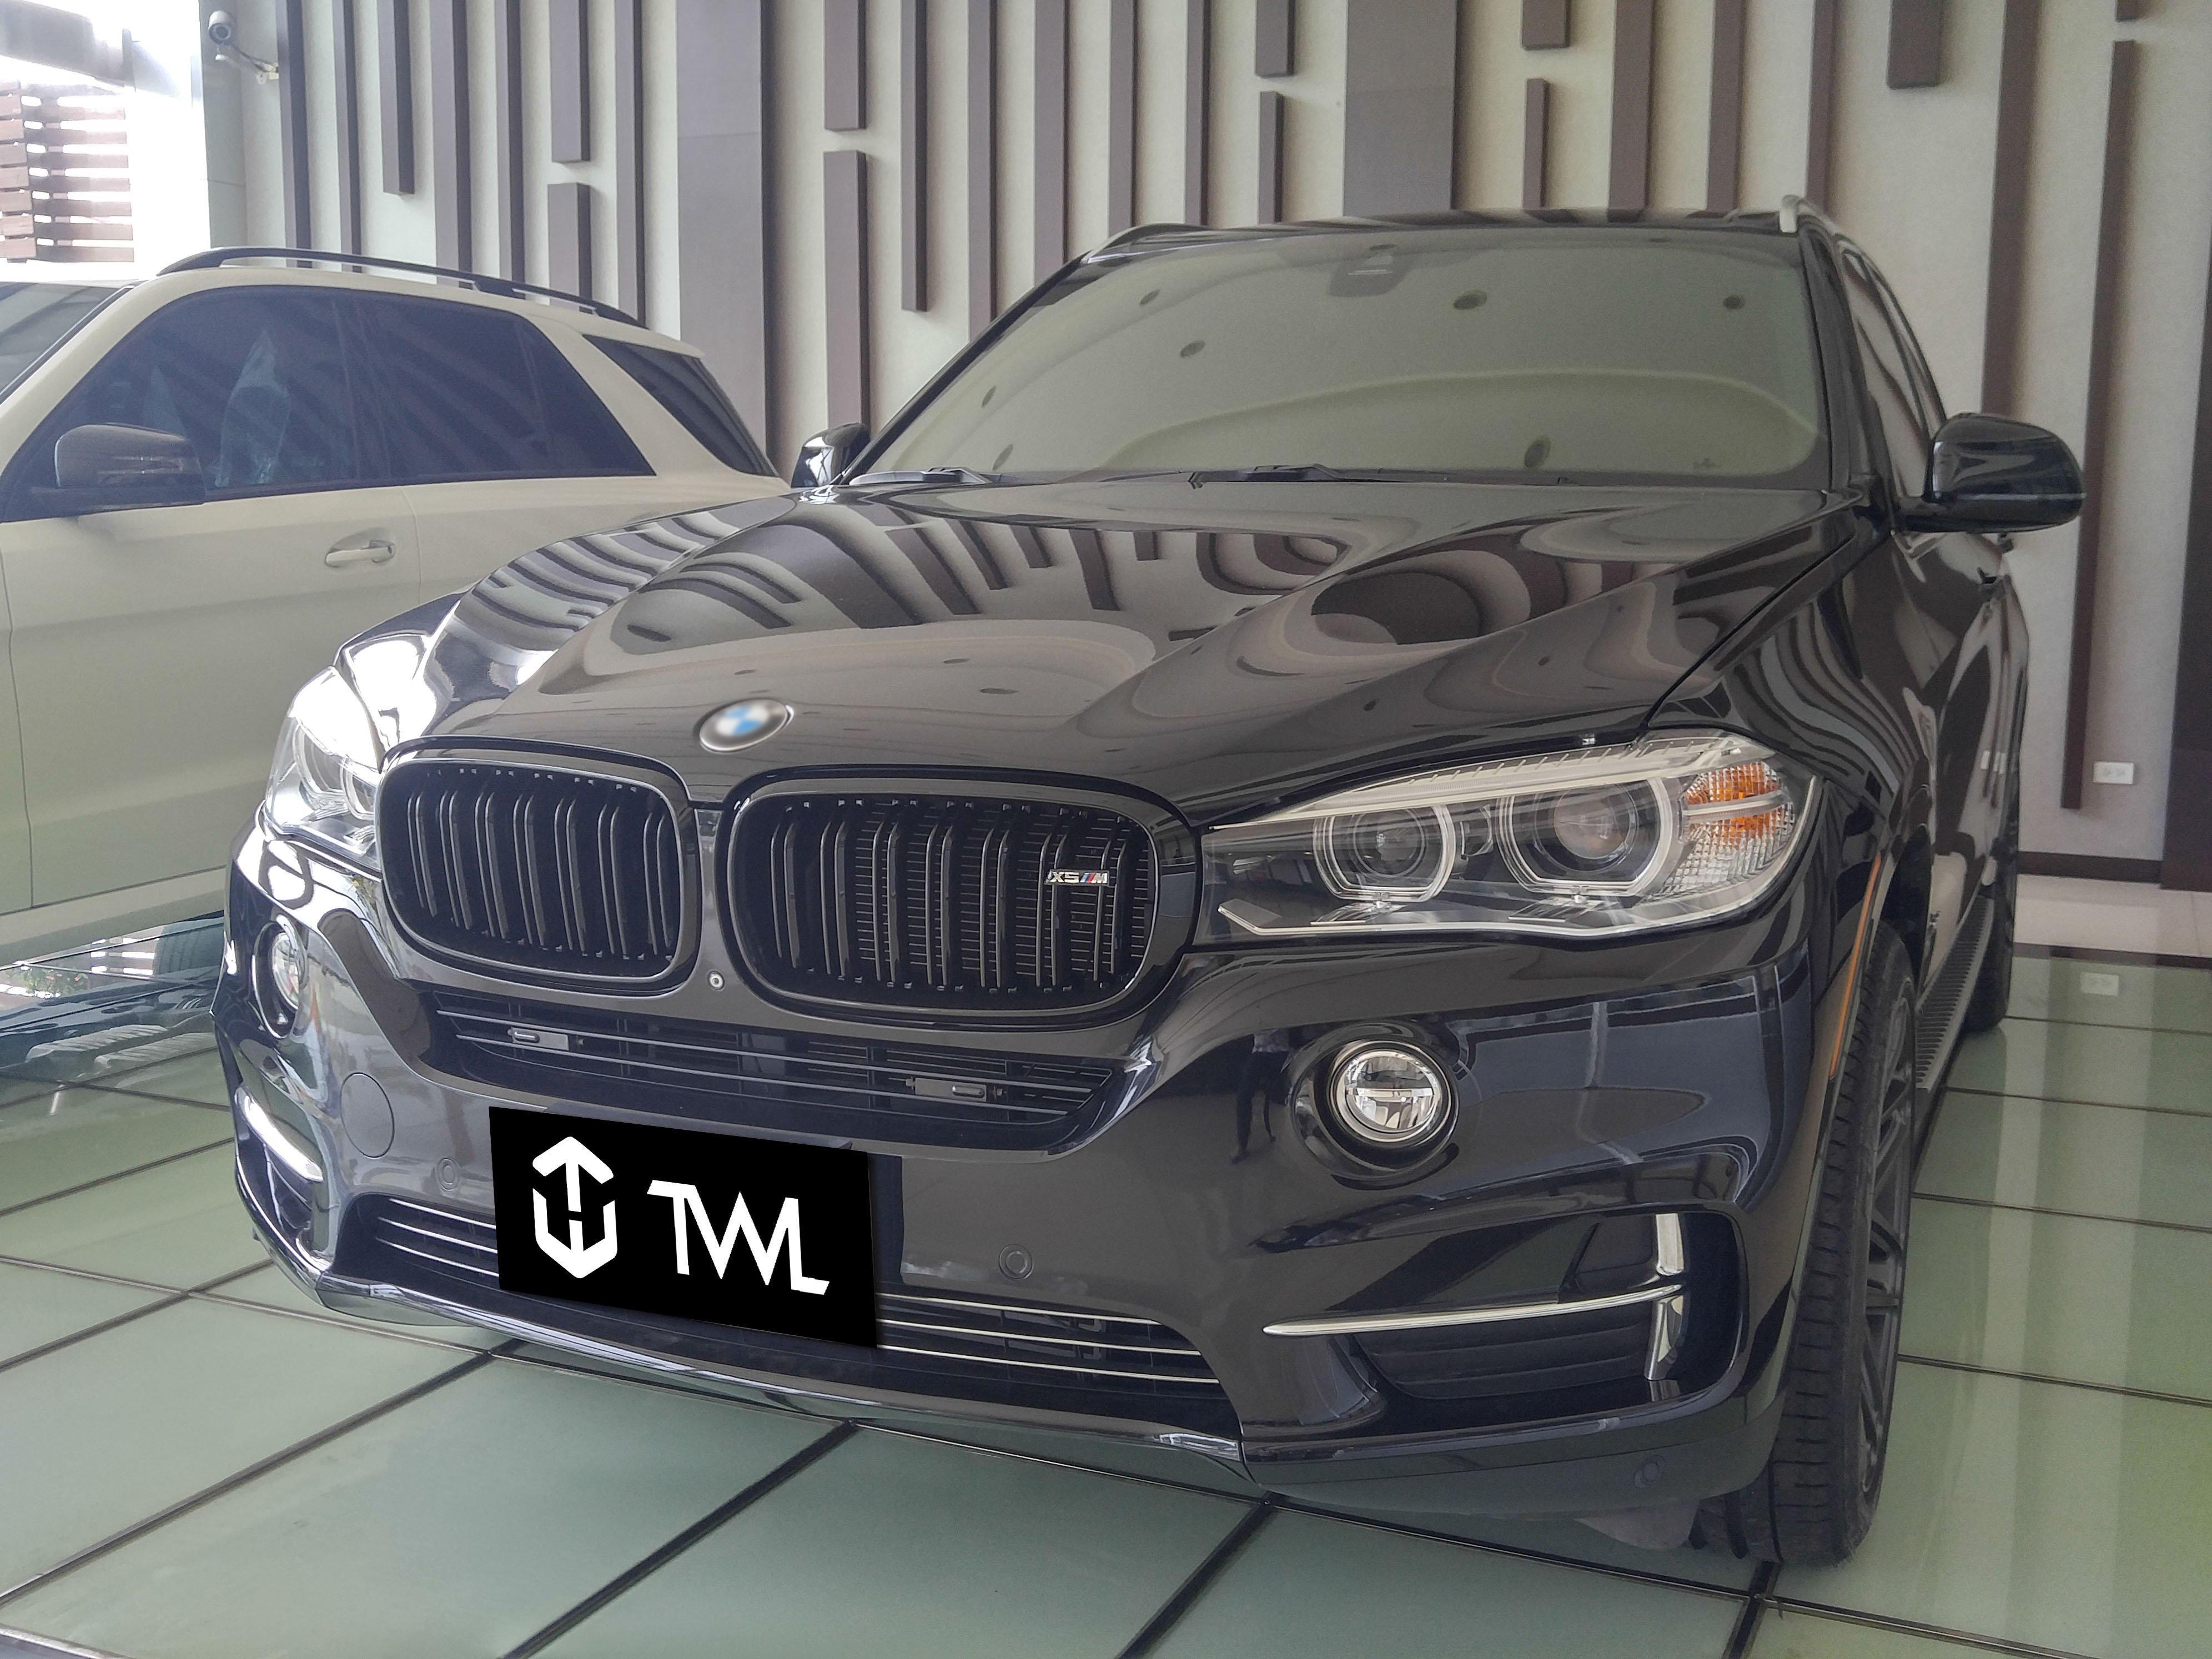 TWL-BMW F15 F16 xDrive35i xDrive50i xDrive30d xDrive M50d X5M X6M-Grille